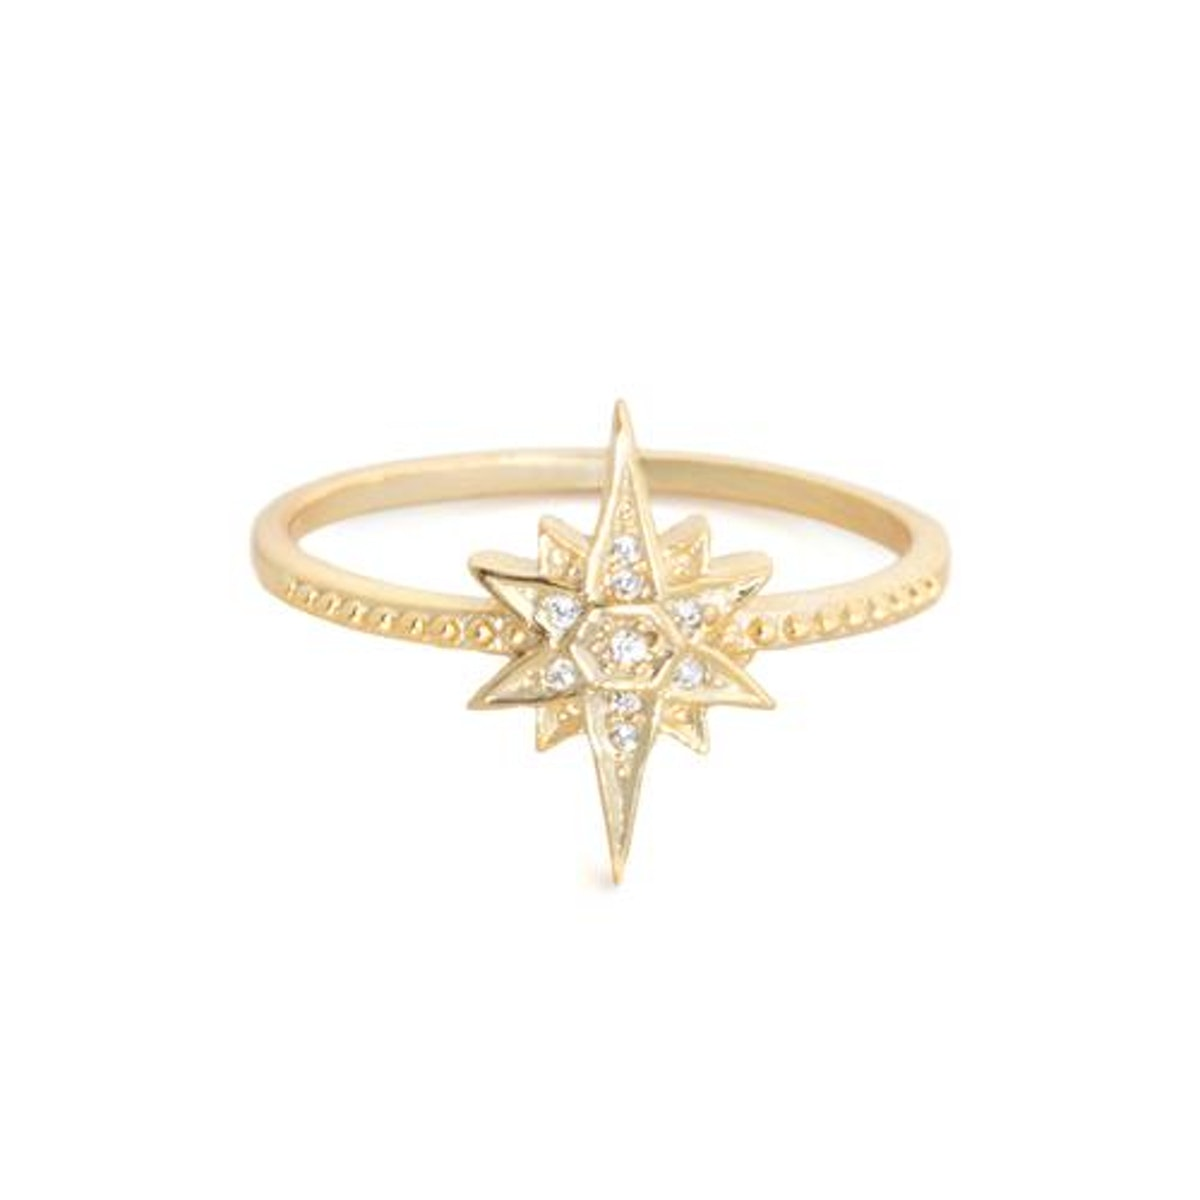 Shashi Hannah Petite Ring